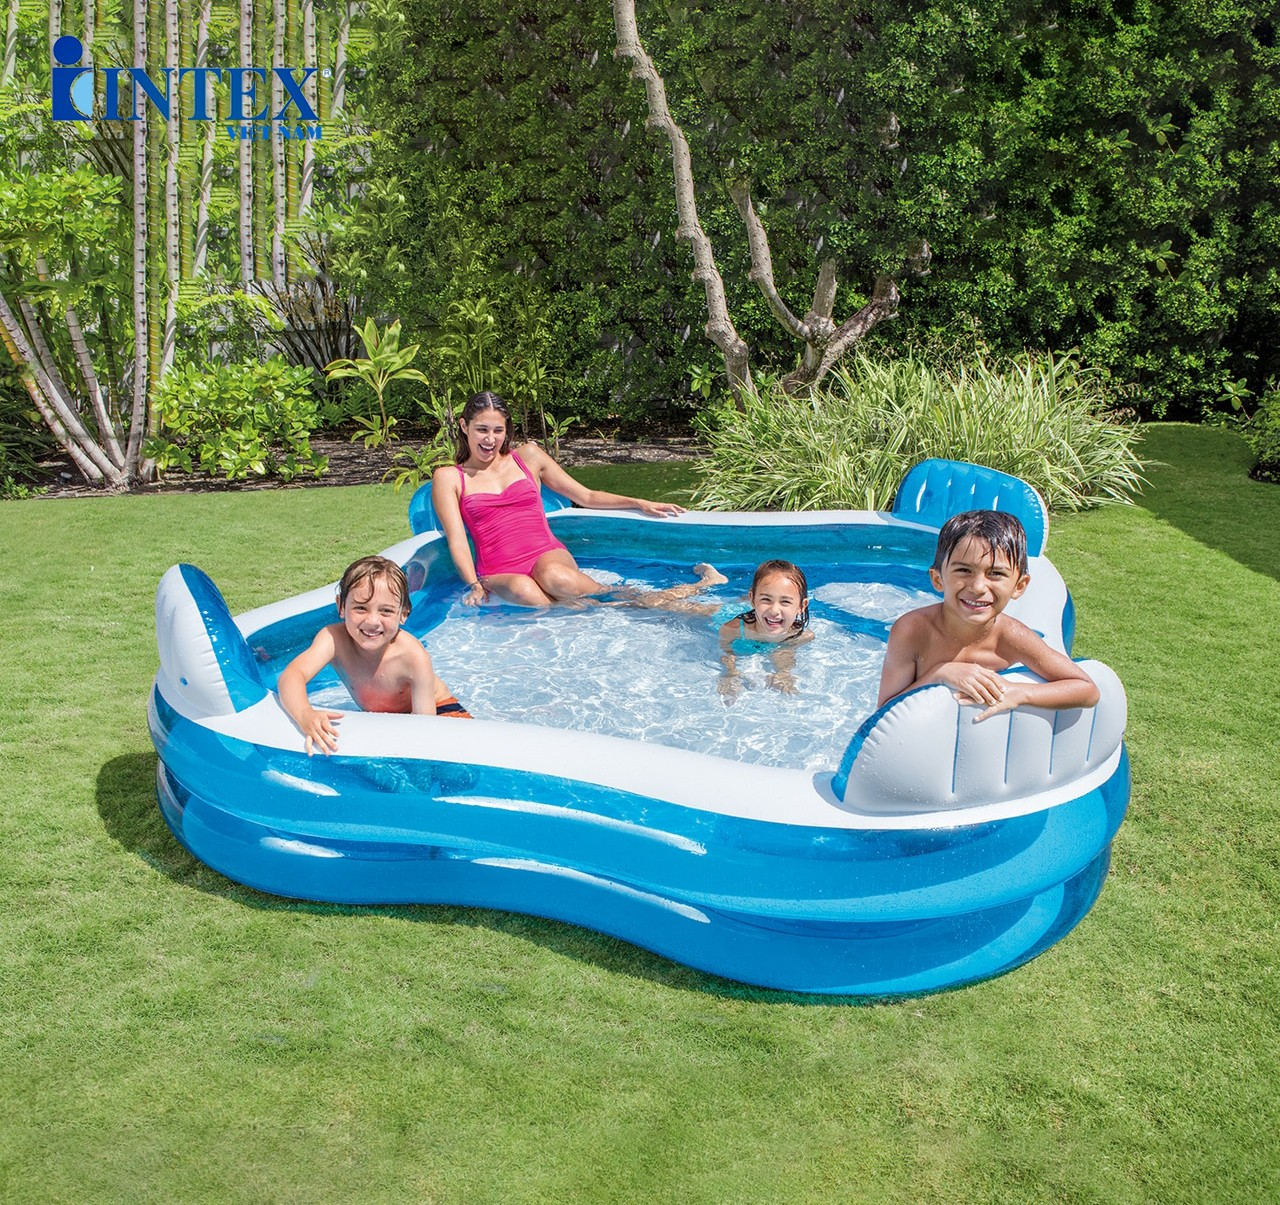 Bể bơi phao Salon hình vuông 2m29 INTEX 56475